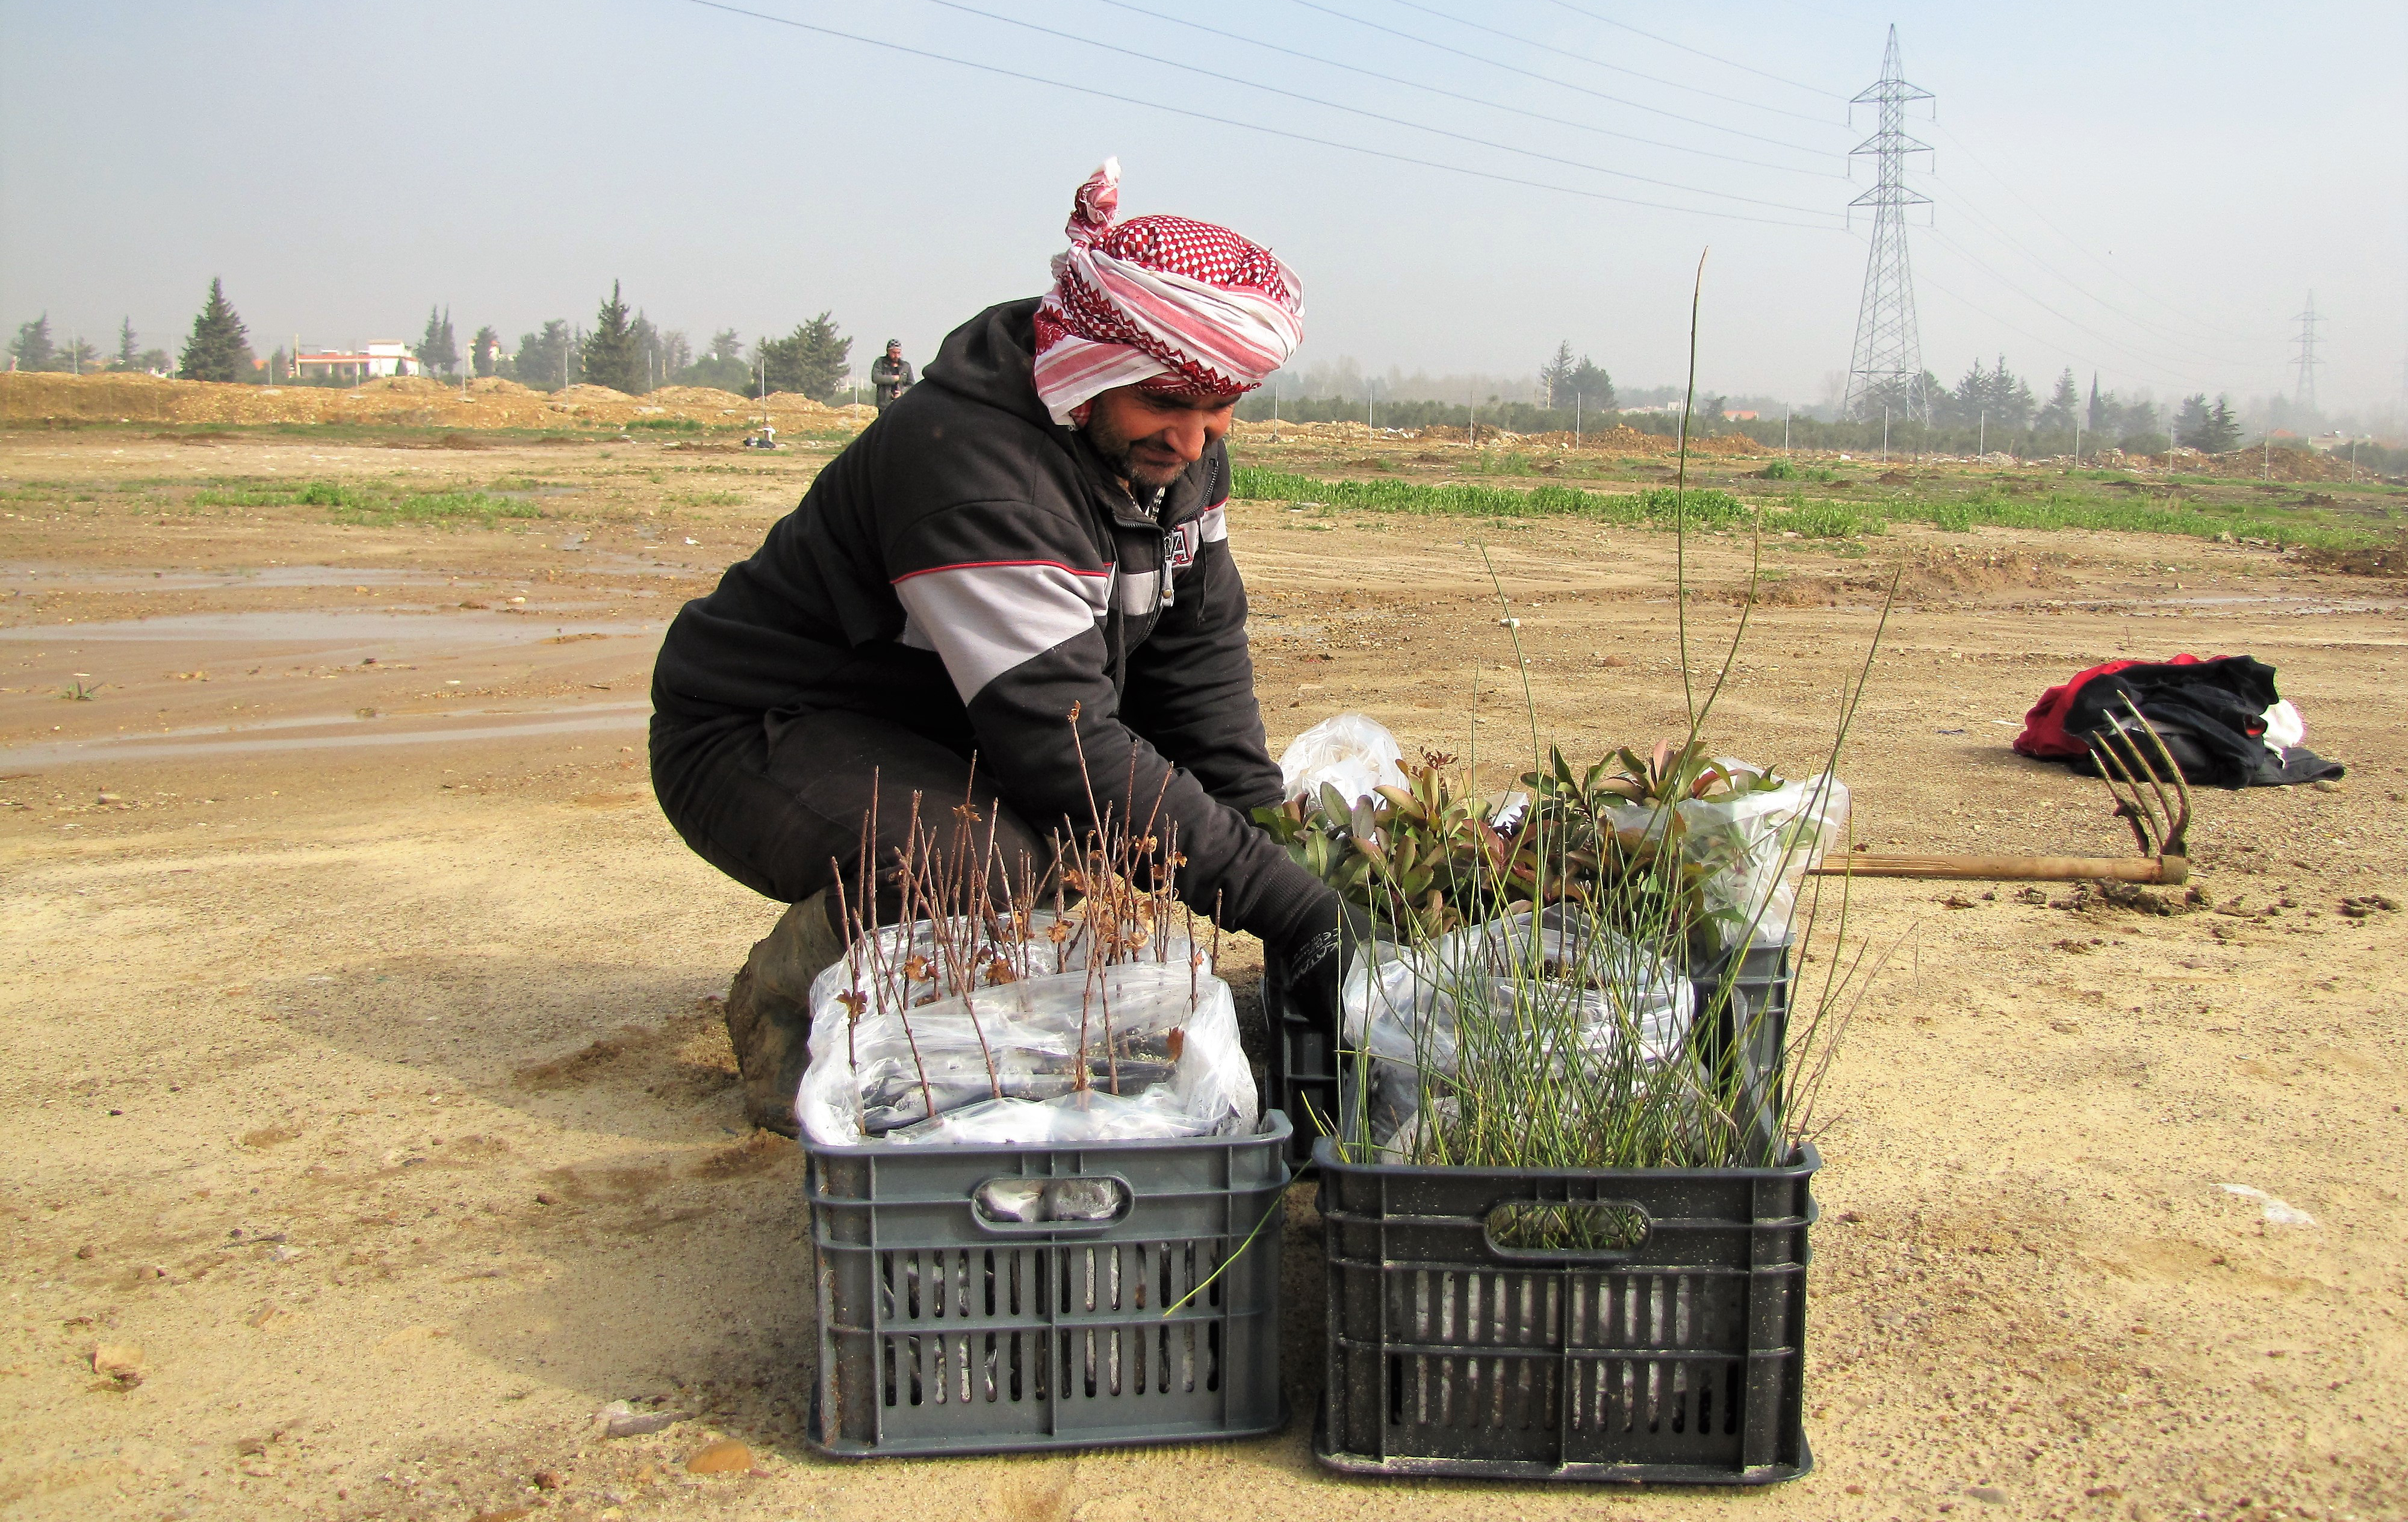 Árboles indígenas de una ONG local estan siendo plantados en el sitio del proyecto en Mekse (Martin Bernhard)